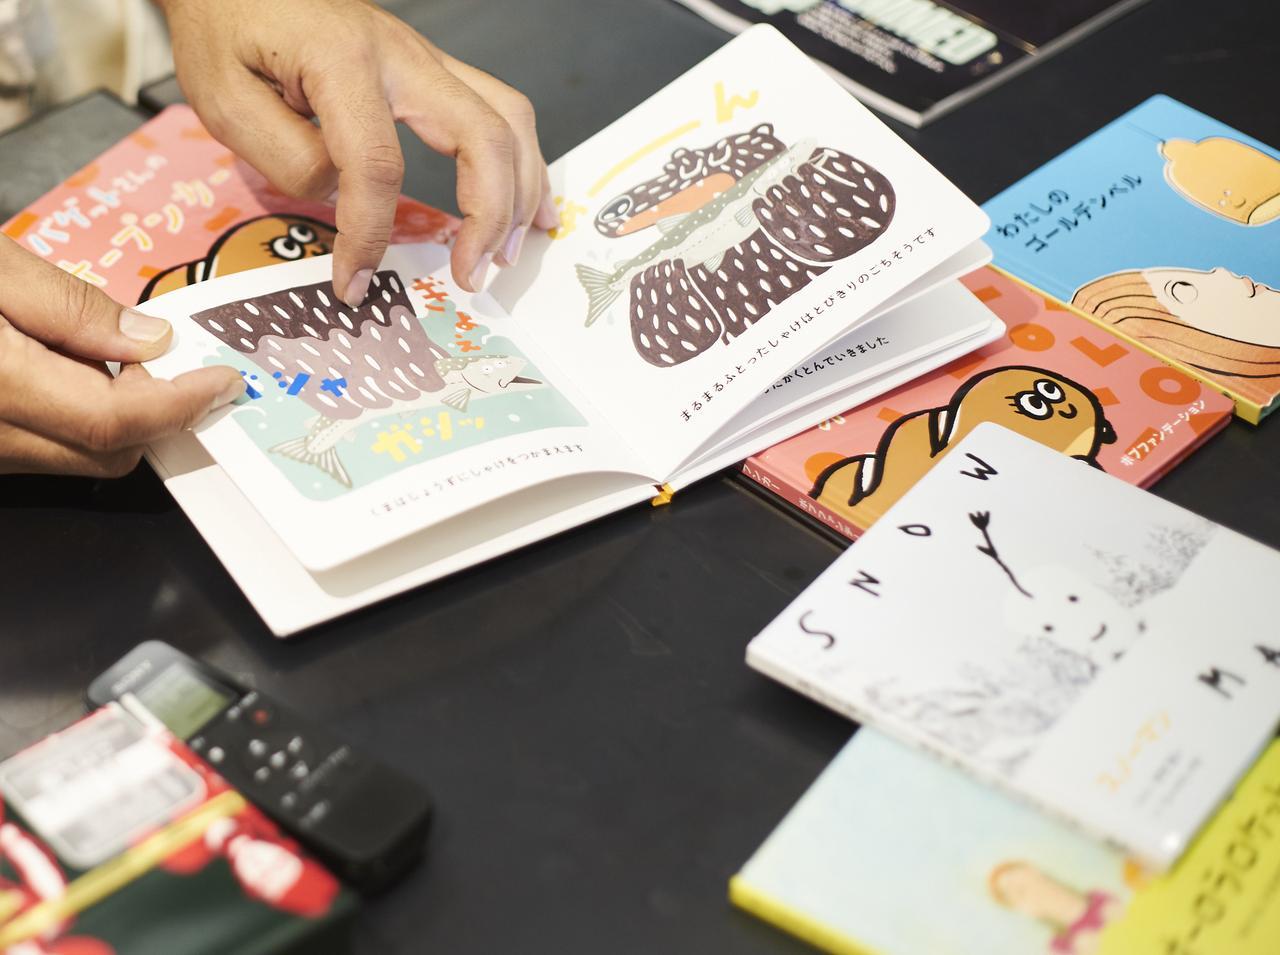 Images : 2番目の画像 - 「写真家・若木信吾が 絵本作りを通して見つけたもの」のアルバム - T JAPAN:The New York Times Style Magazine 公式サイト